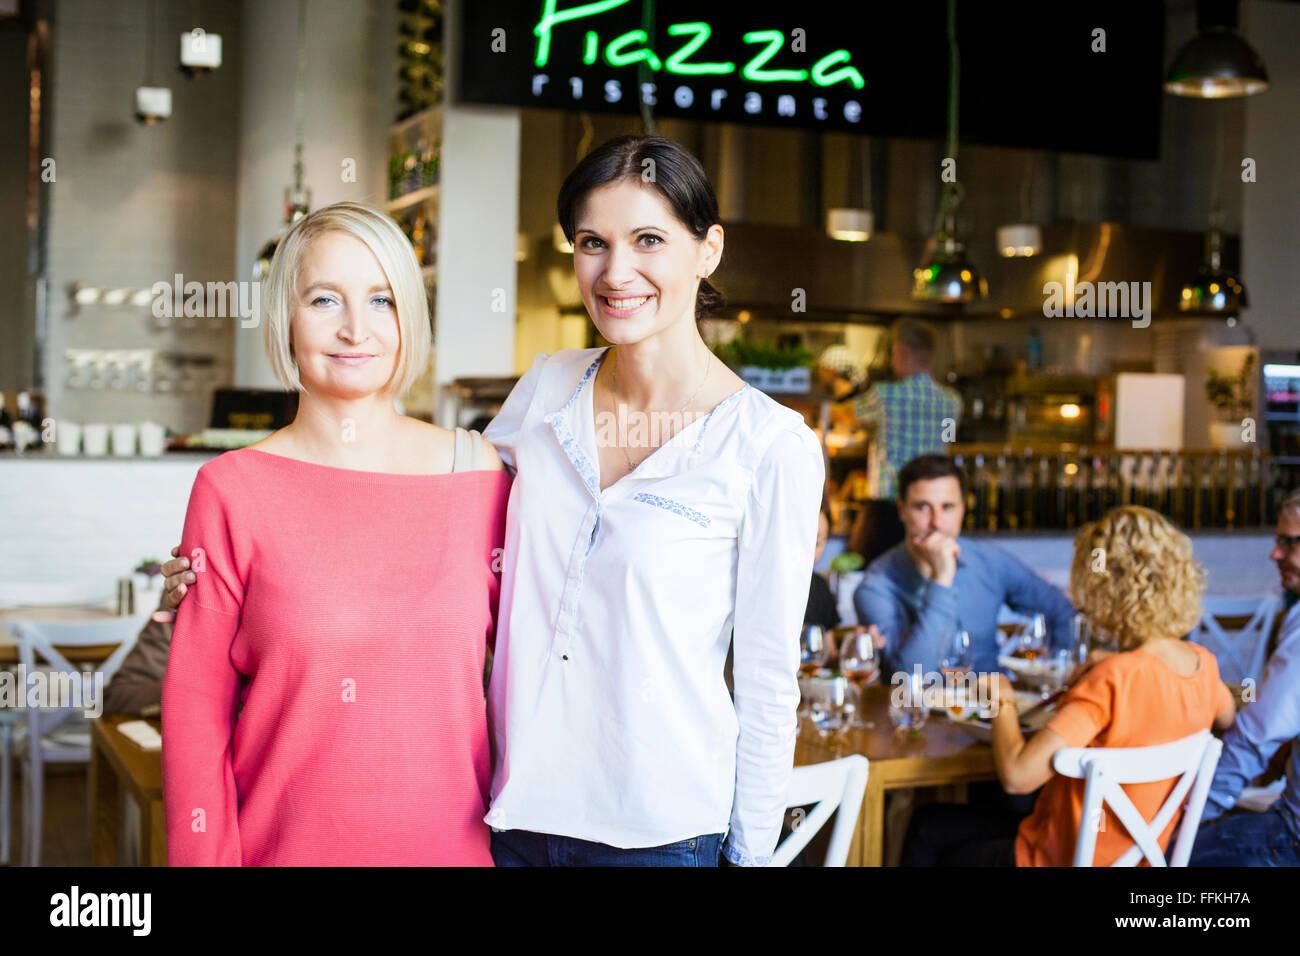 Portrait of girlfriends in restaurant - Stock Image